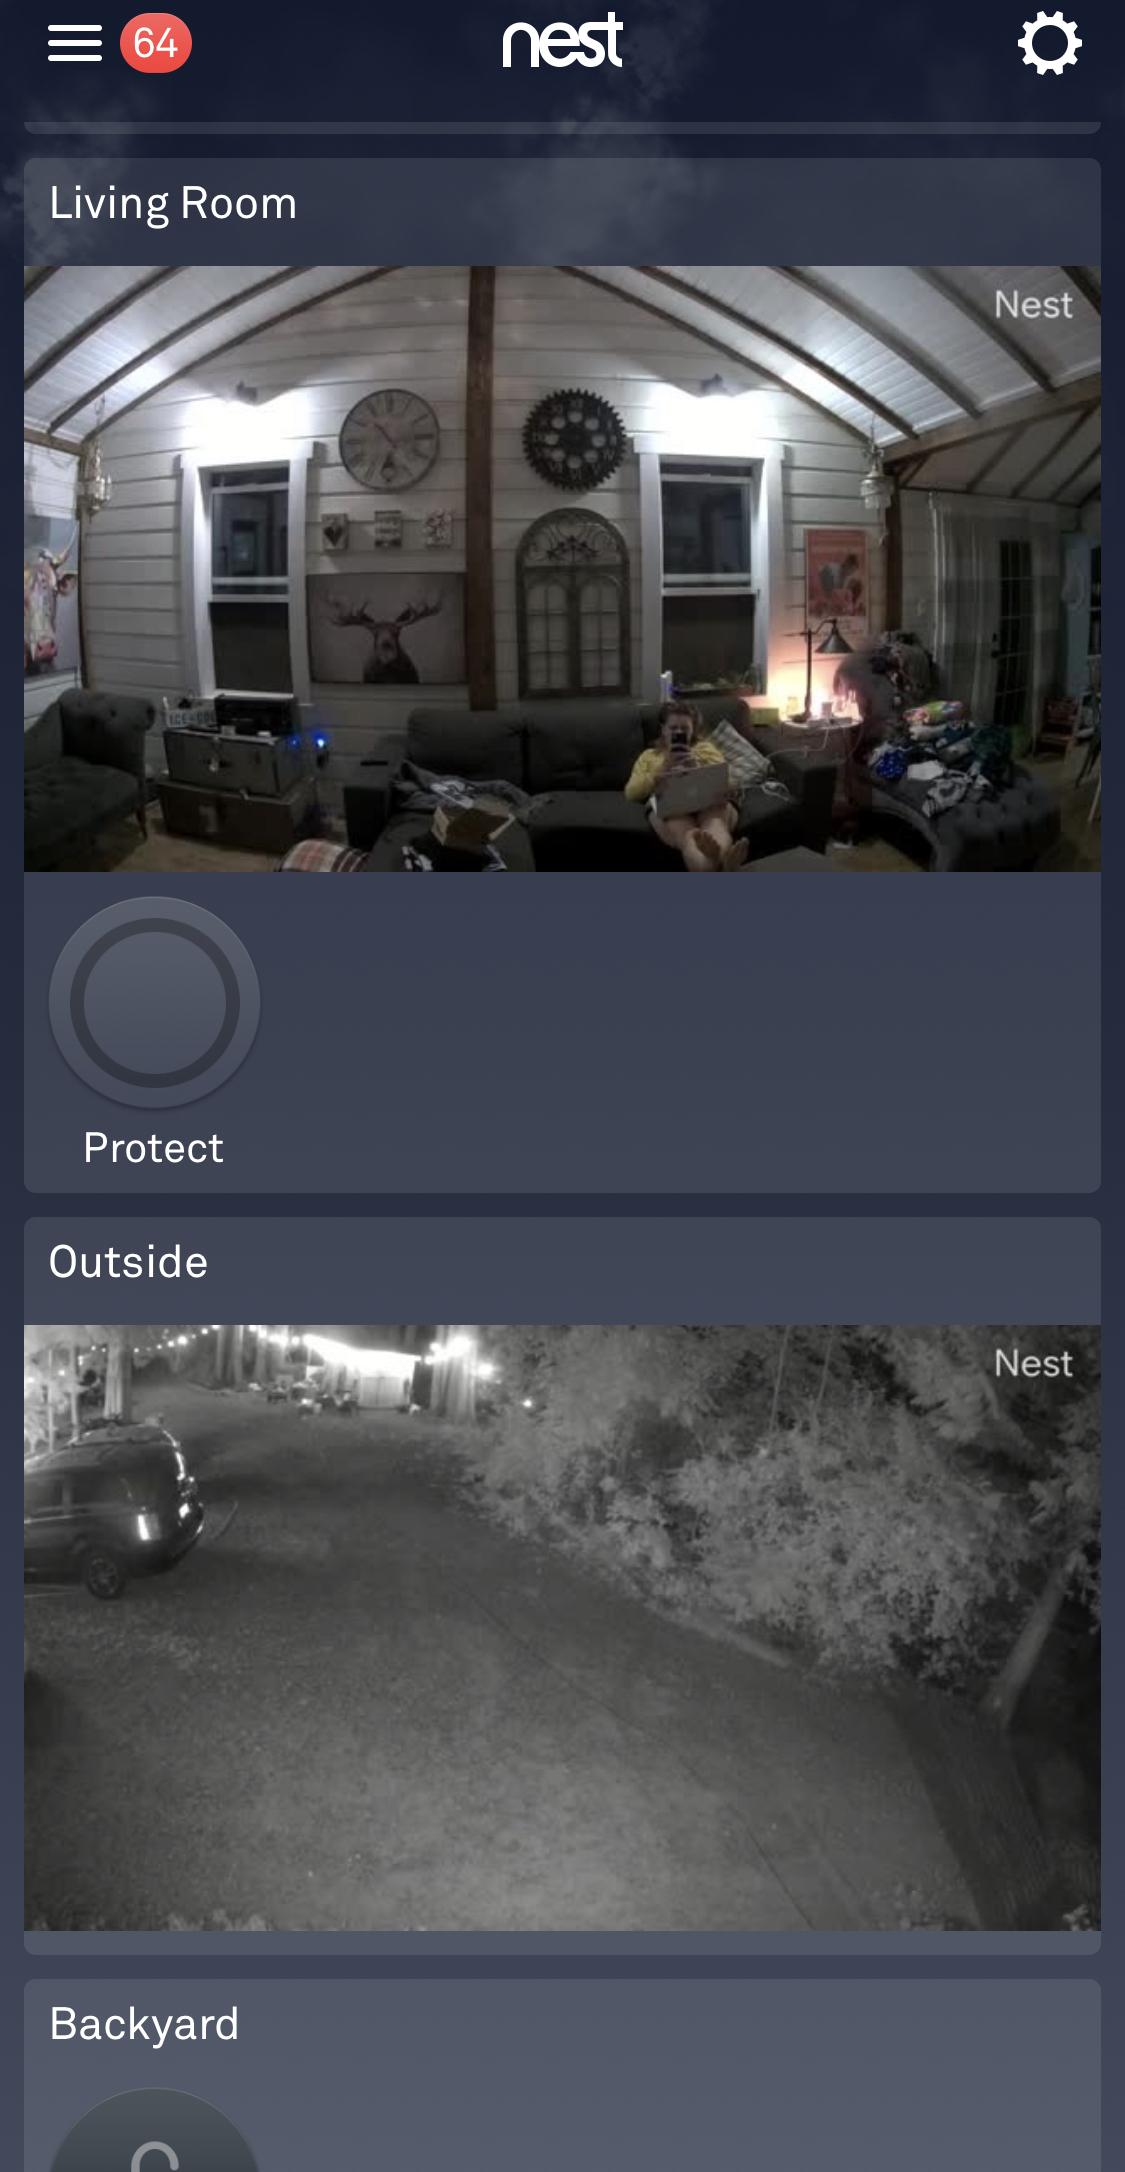 Nest app menu